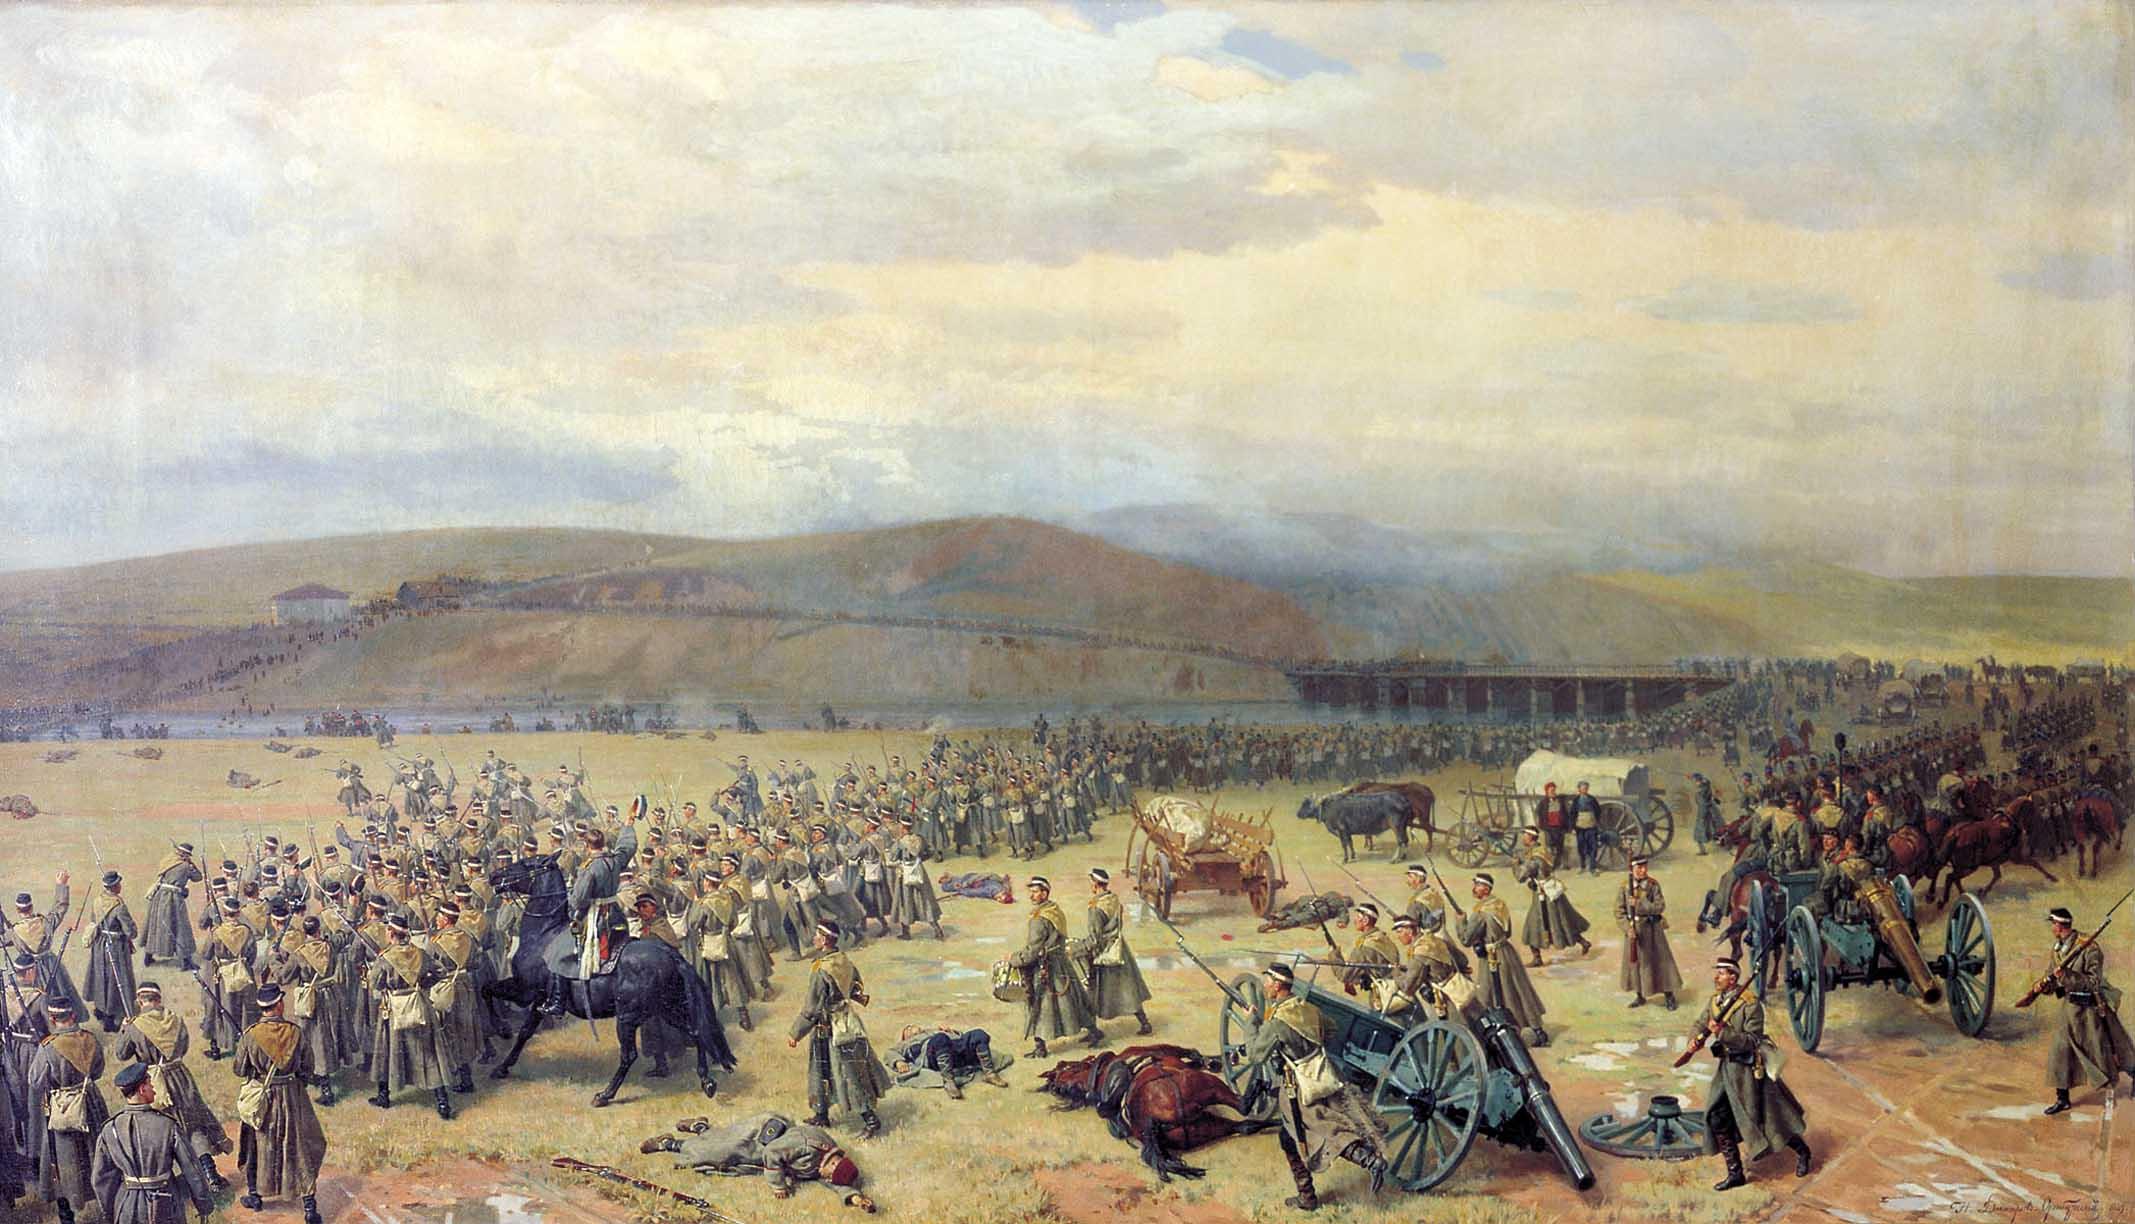 Последний бой под Плевной, взятие всей армии Османа-паши 28 ноября 1877 г. С картины Н. Дмитриева-Оренбургского